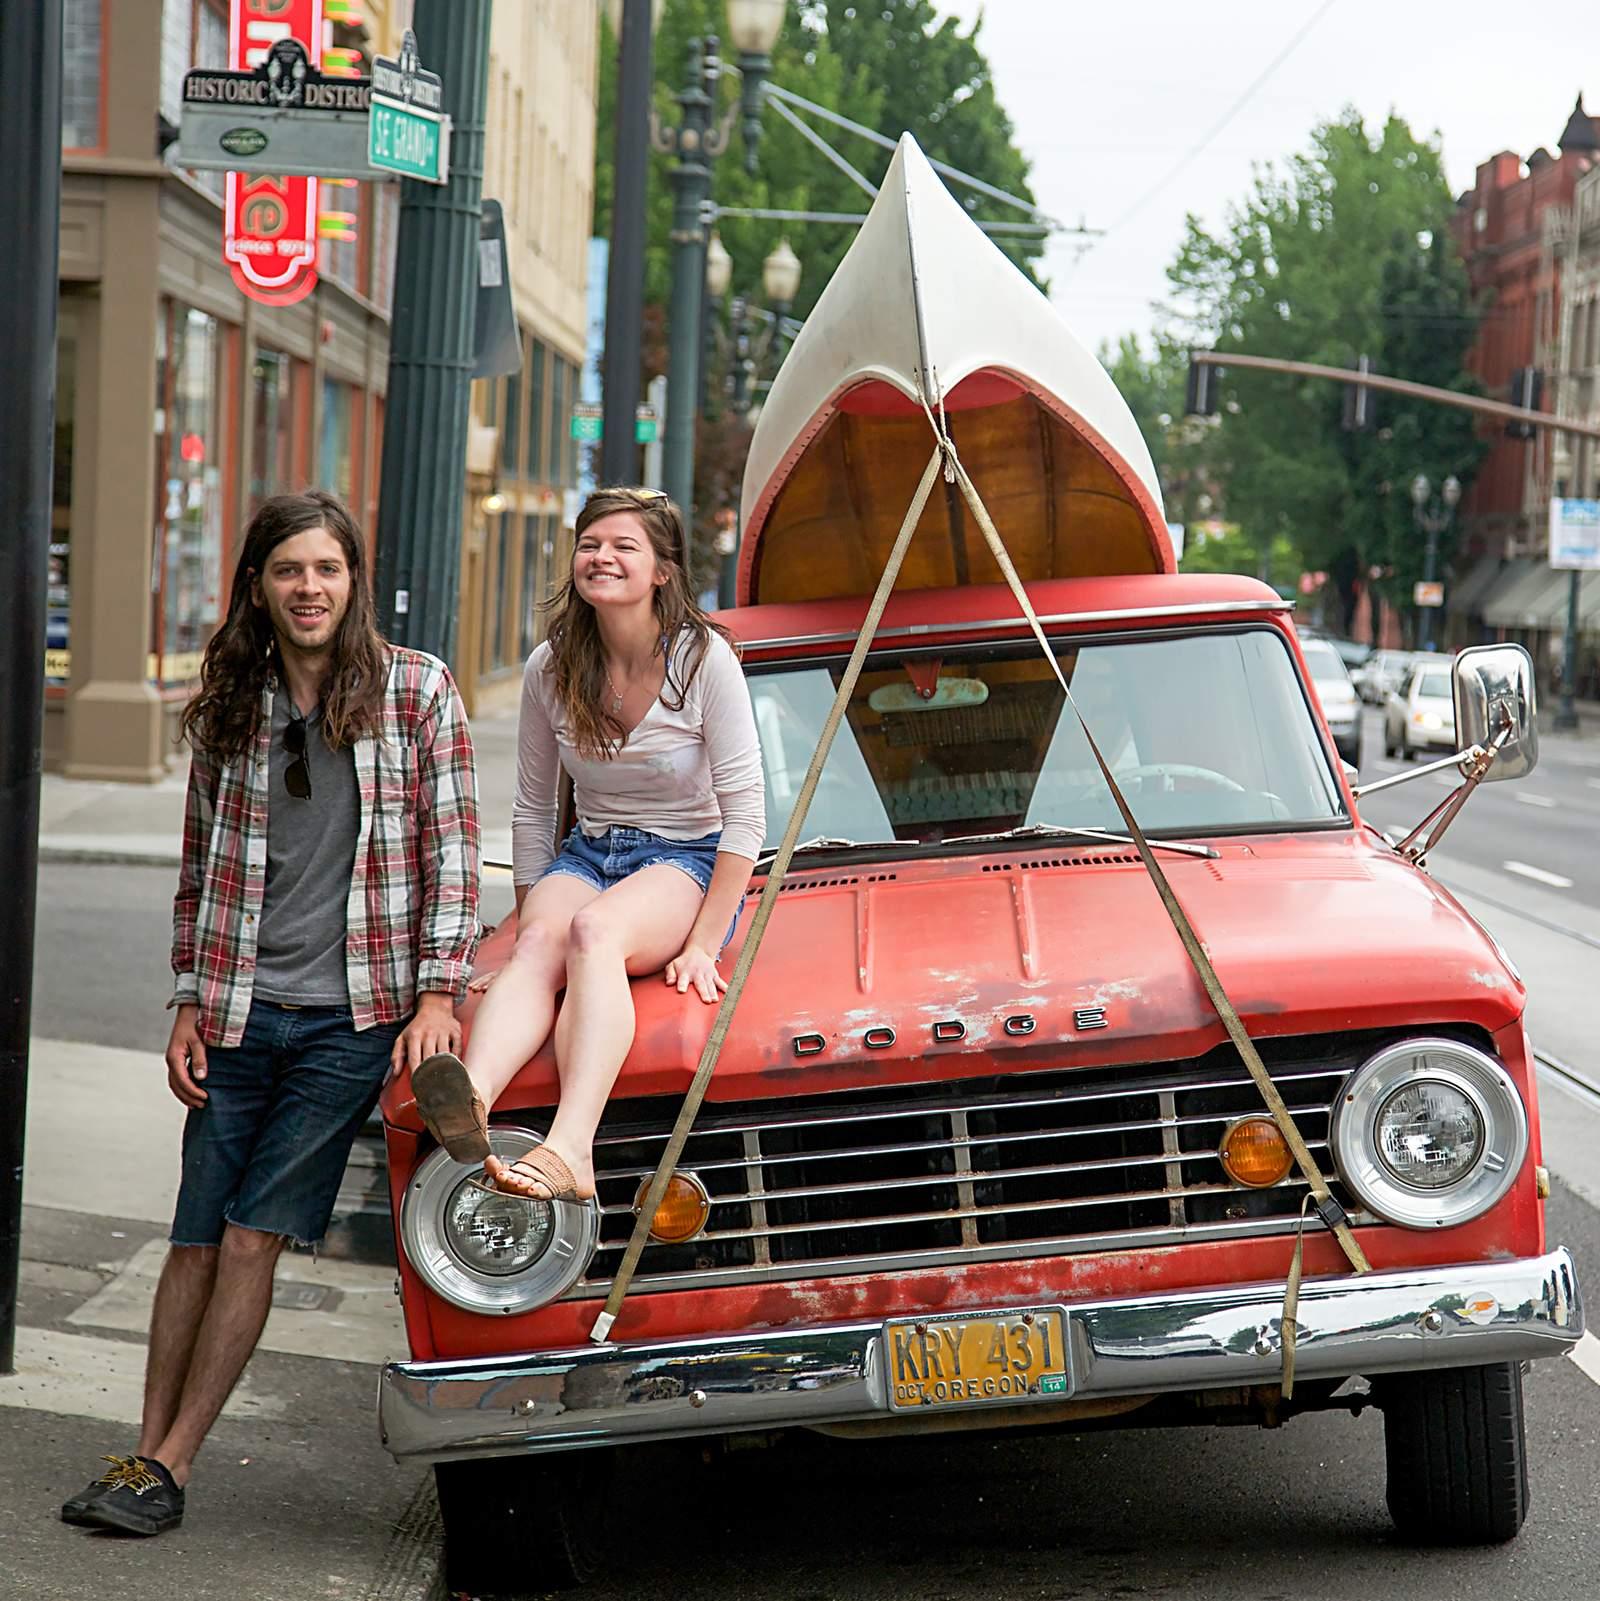 Paar mit Kanu und Dodge in Portland, Oregon